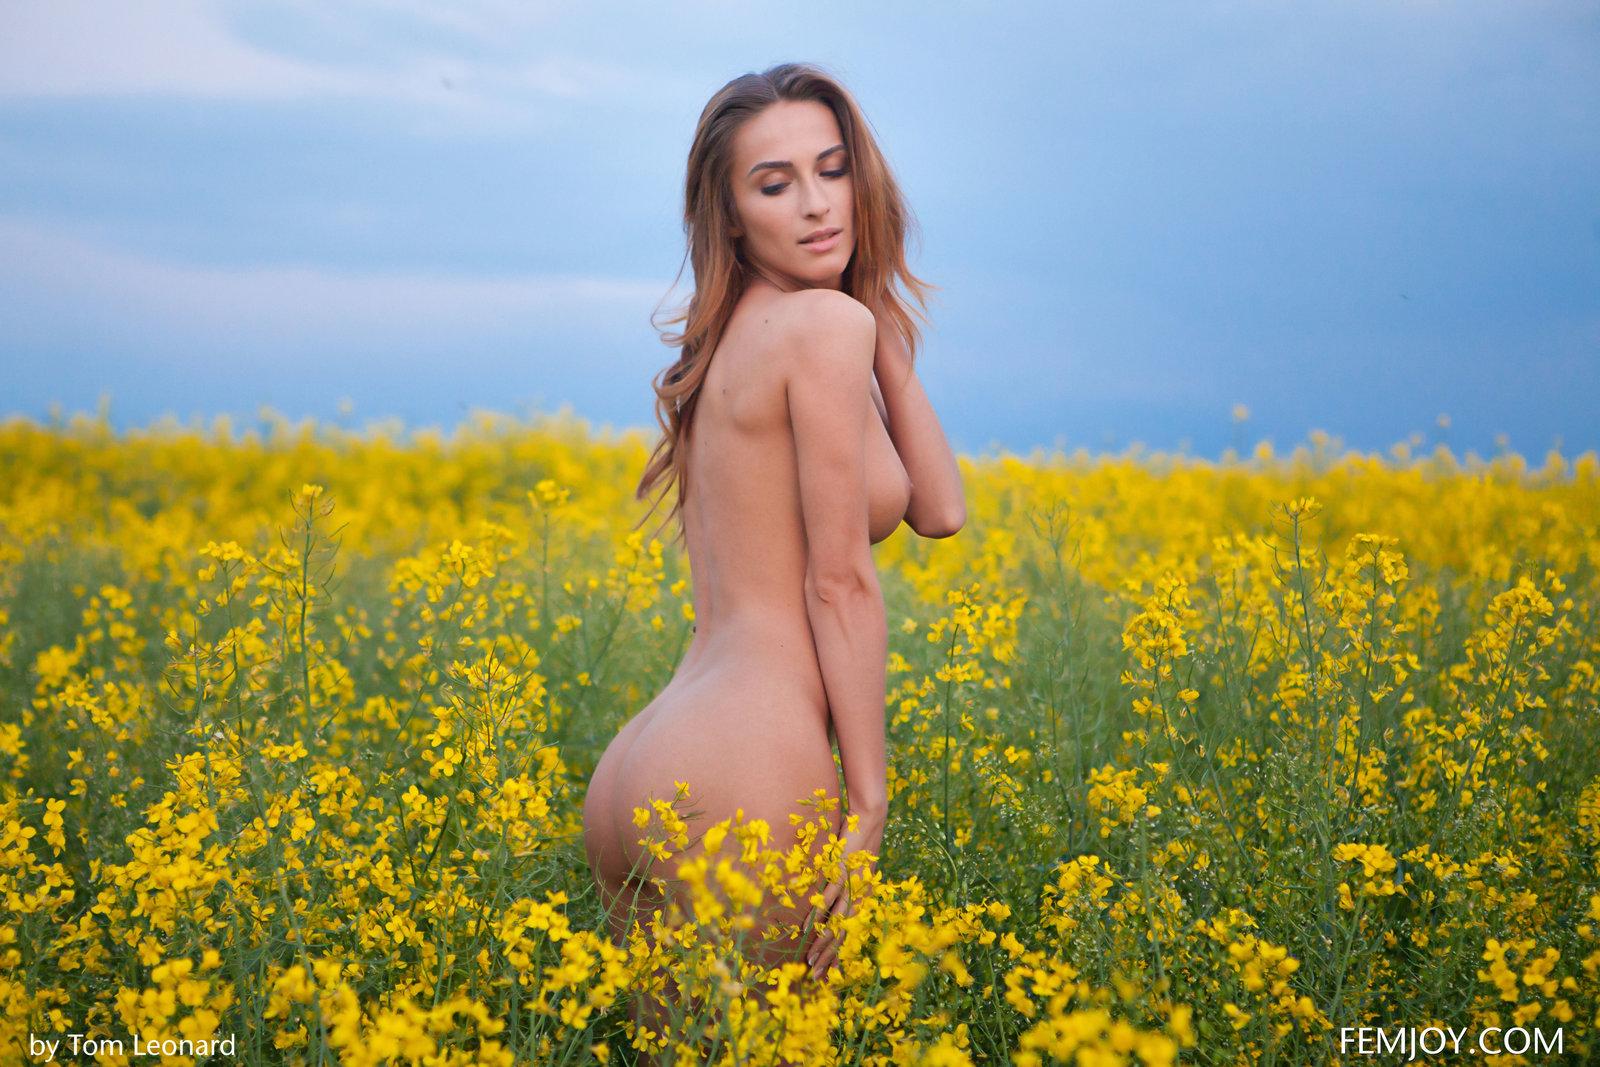 Zdjęcie porno - 136 - Naturalna ślciznotka